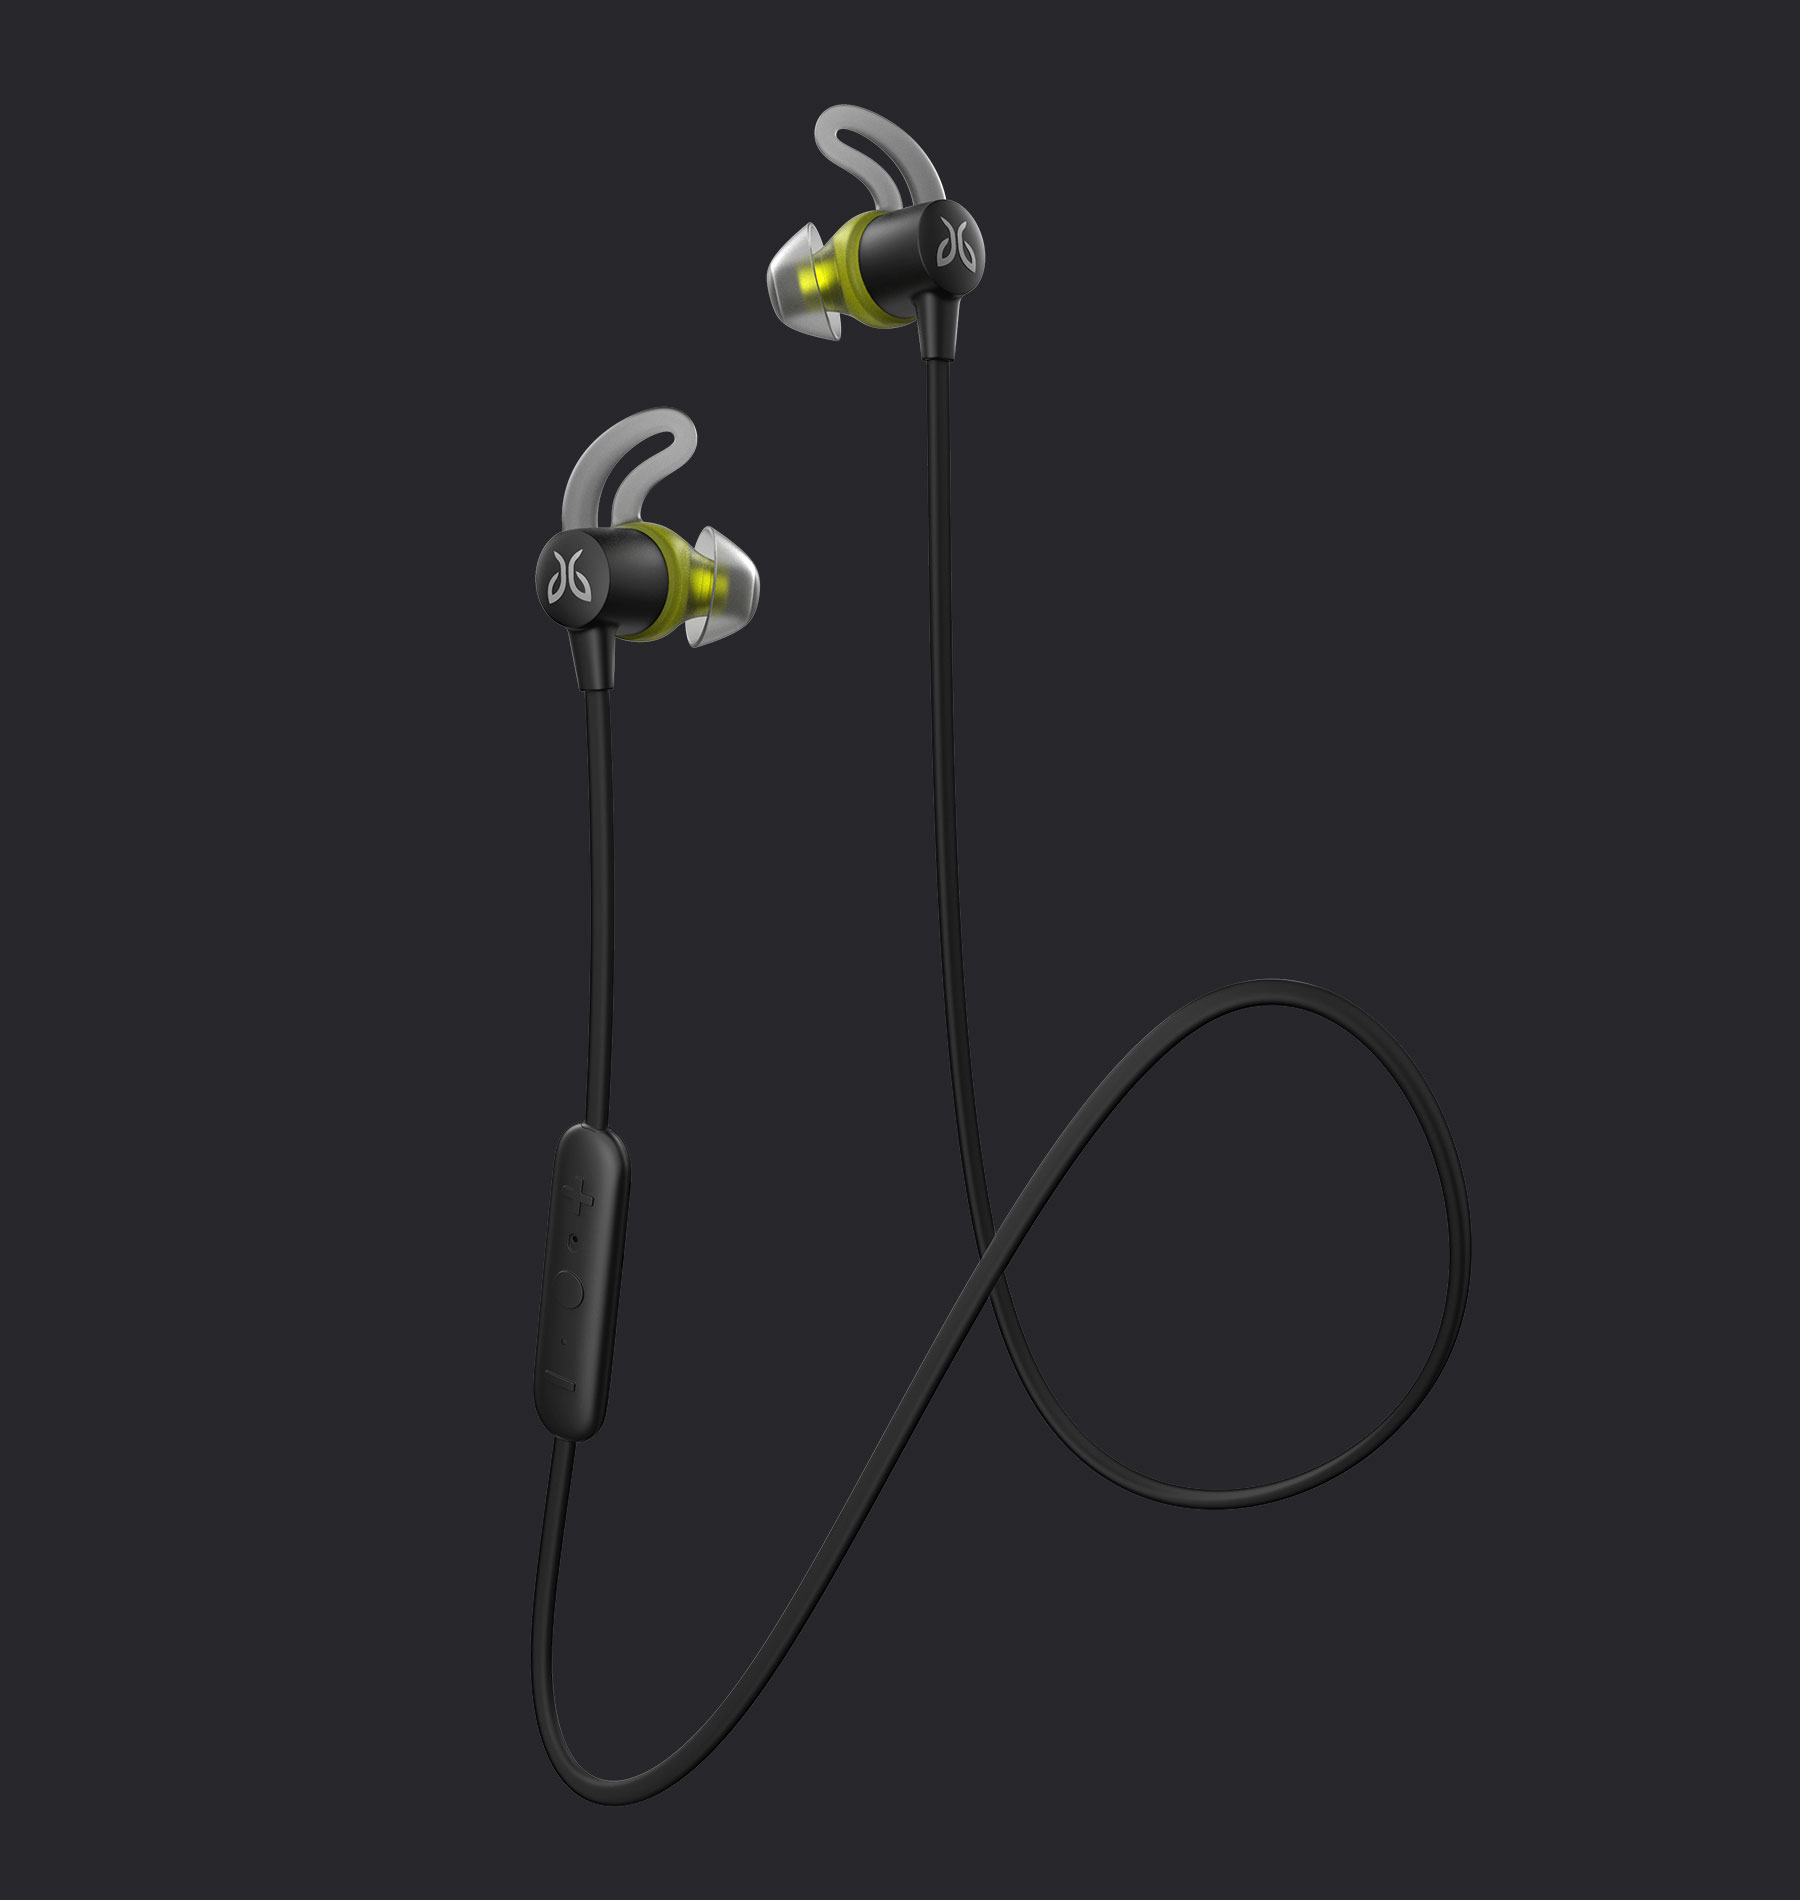 1d91b832496 Jaybird Tarah Wireless Sport Headphones, Essential Performance